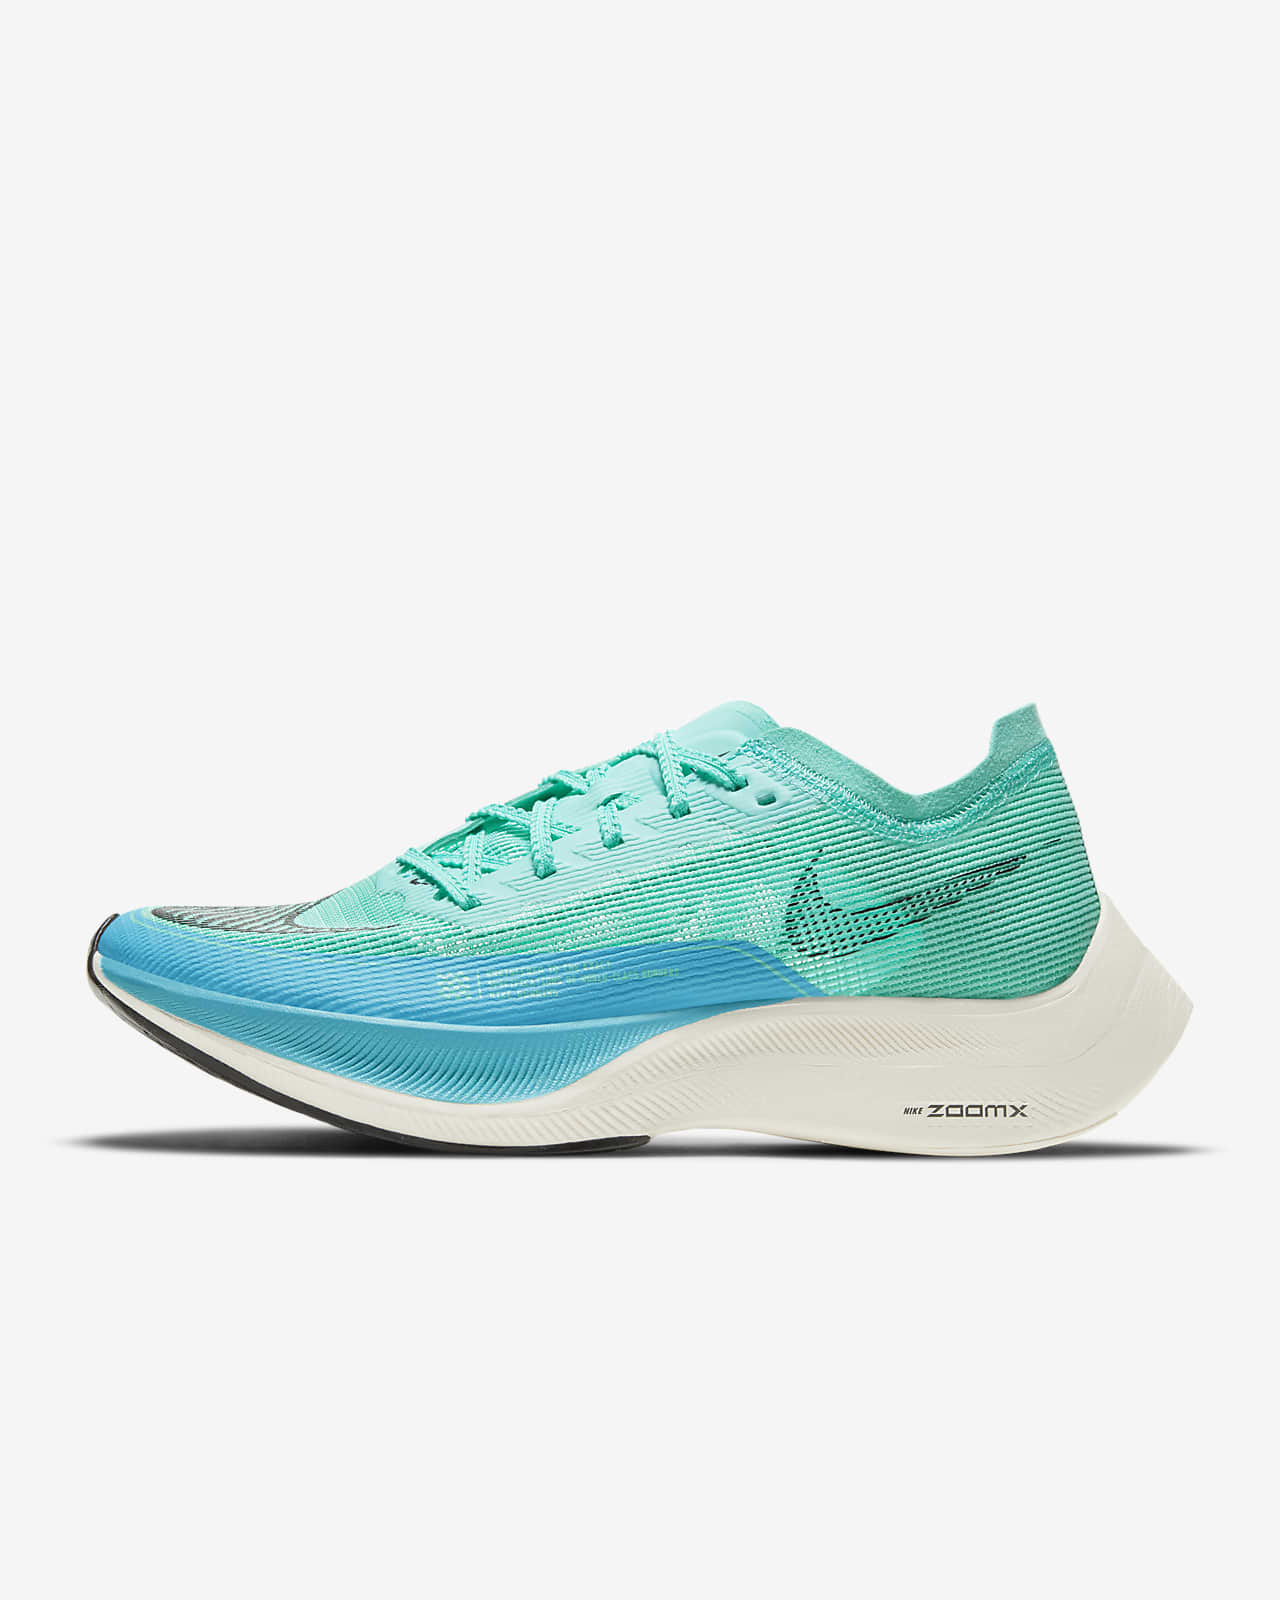 Tävlingsskor för hårt underlag Nike ZoomX Vaporfly Next% 2 för kvinnor